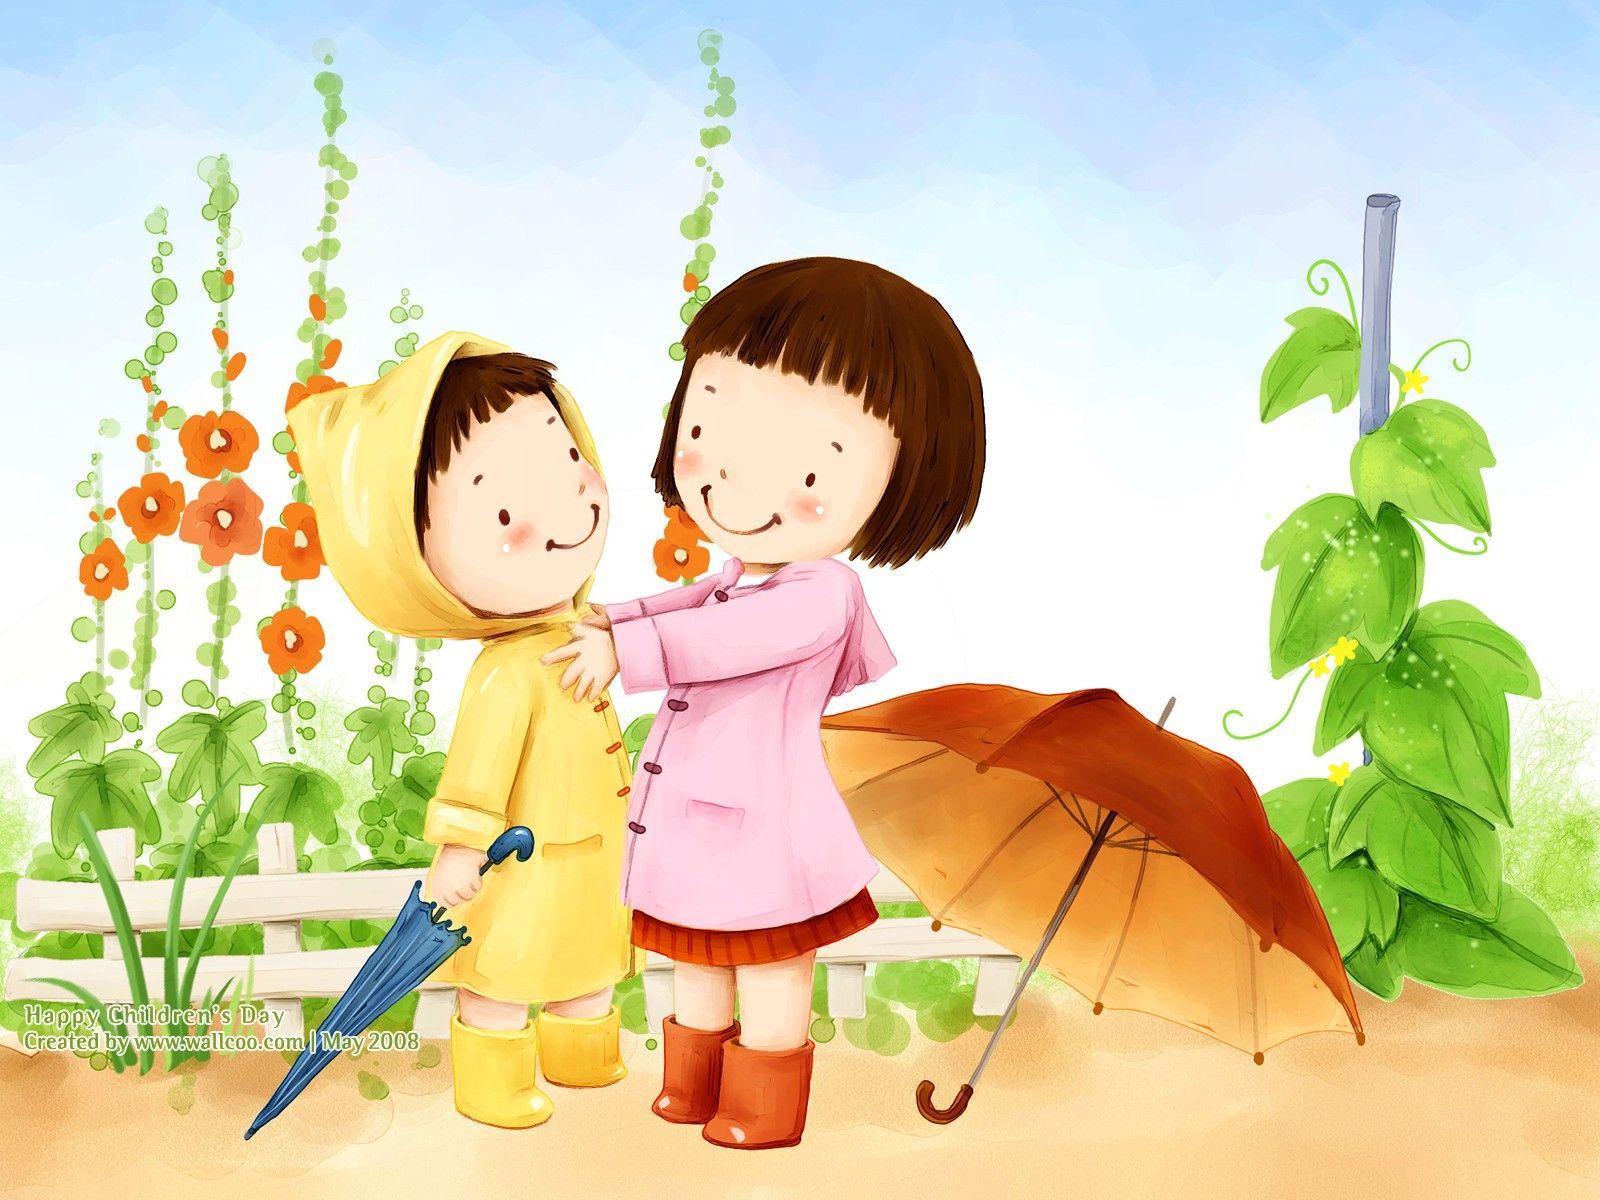 Lovely Illustration Art For Children S Day 1600 1200 No 30 Wallpaper